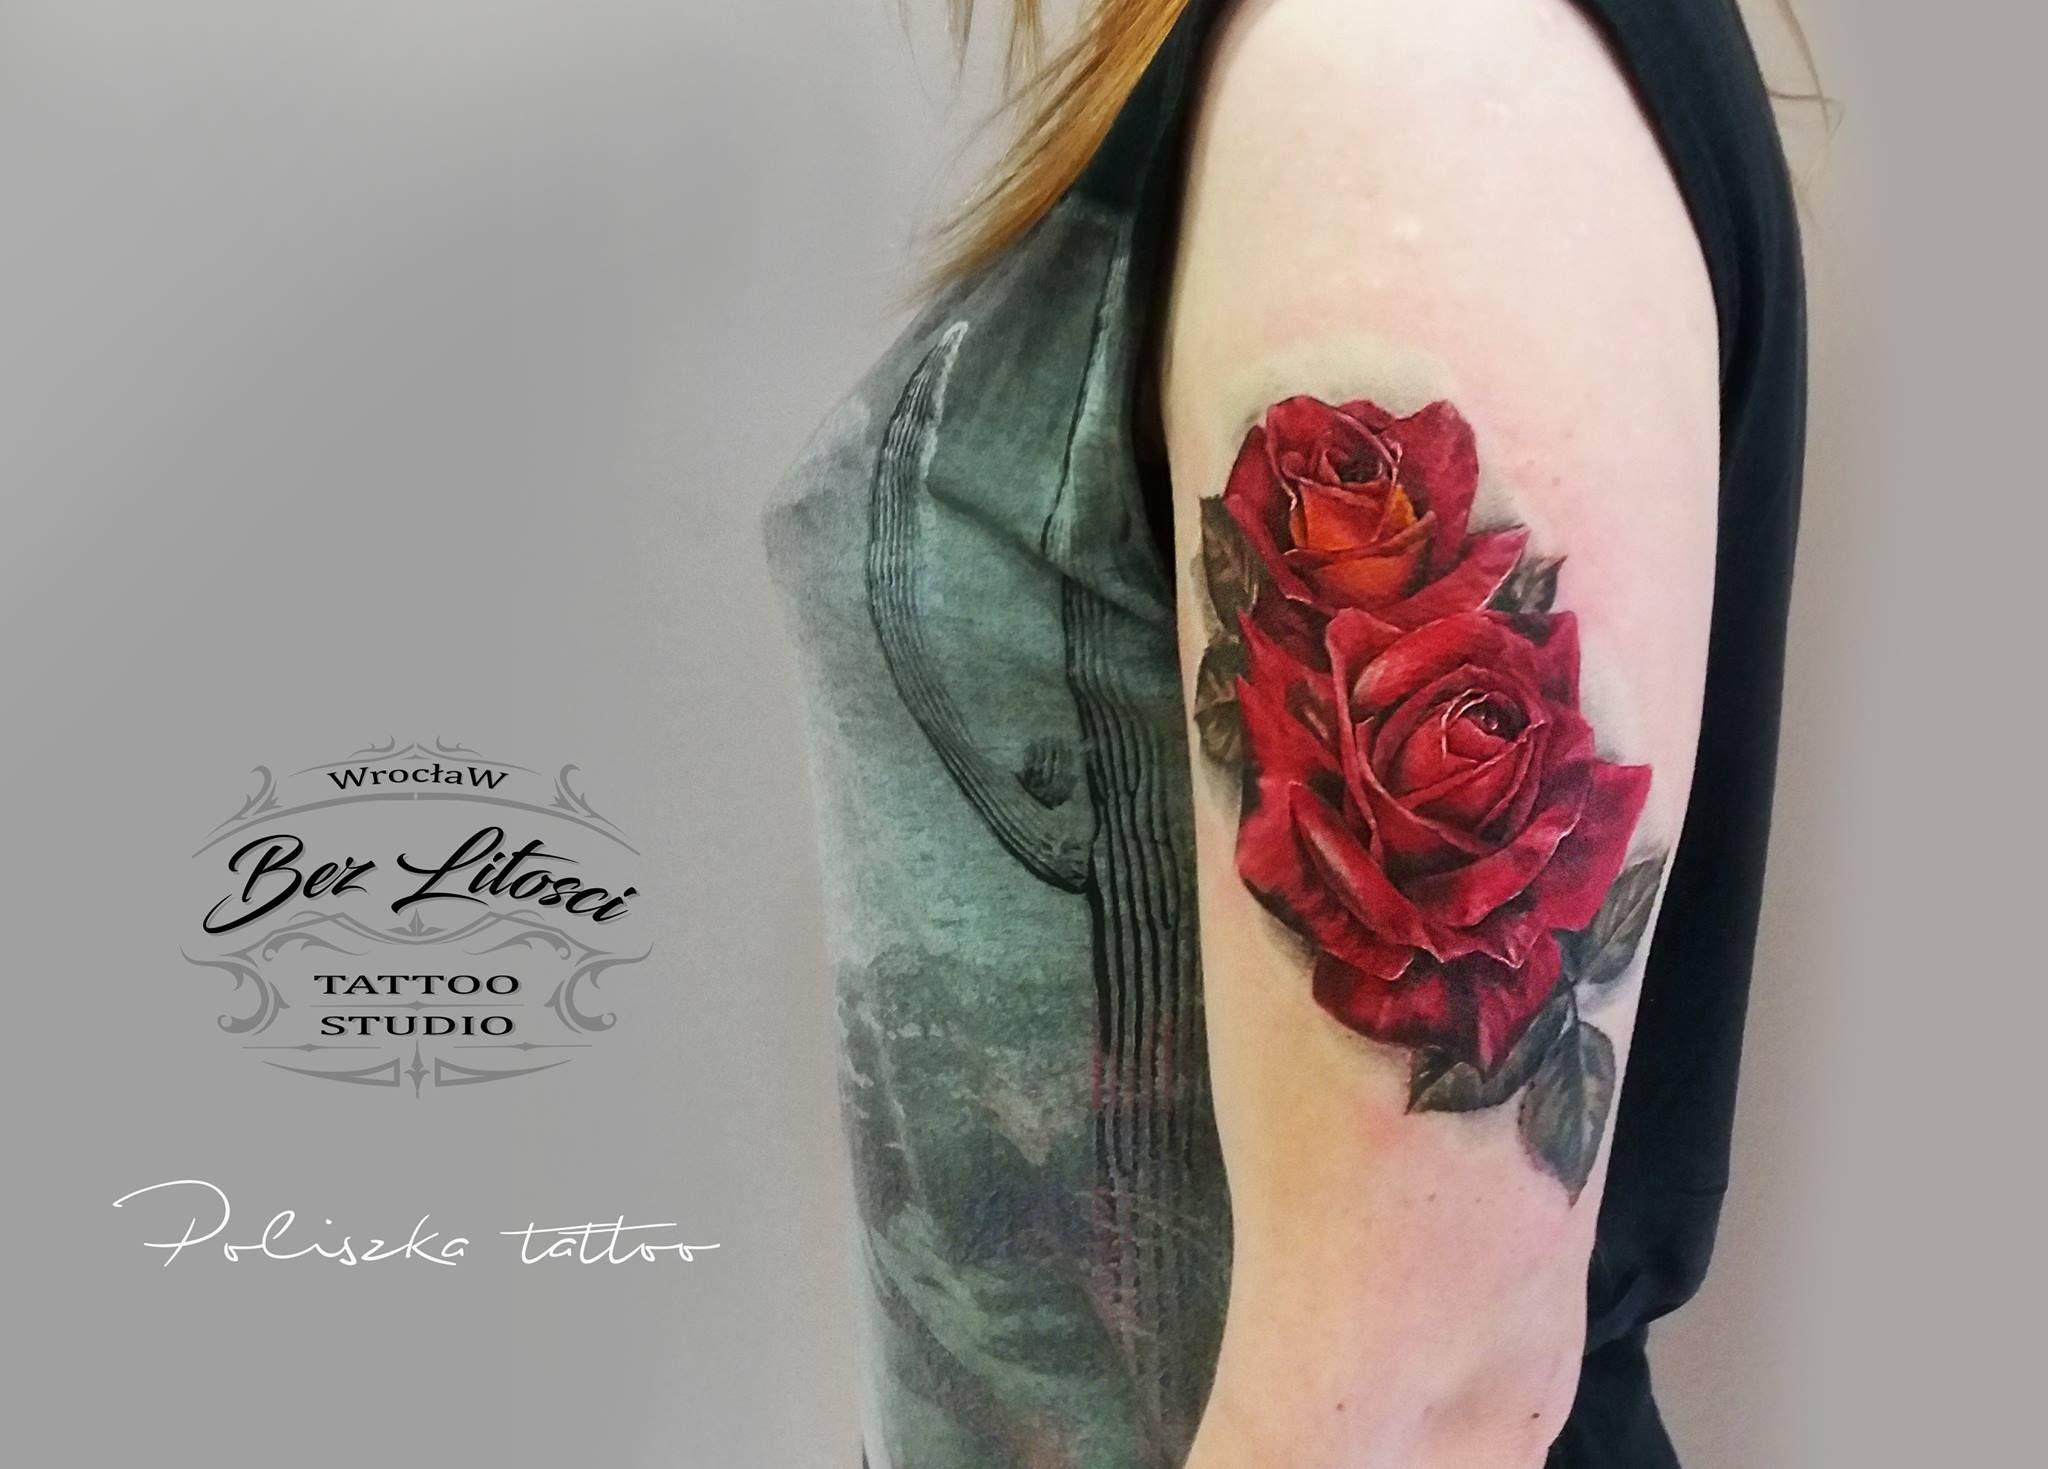 Art Poliszka Tattoo Poliszka Tattoo Bez Litosci Tattoo Studio Wroclaw Poland Tel 48 535 976 097 Mail Bezlito Tattoo Studio Tattoos Flower Tattoo